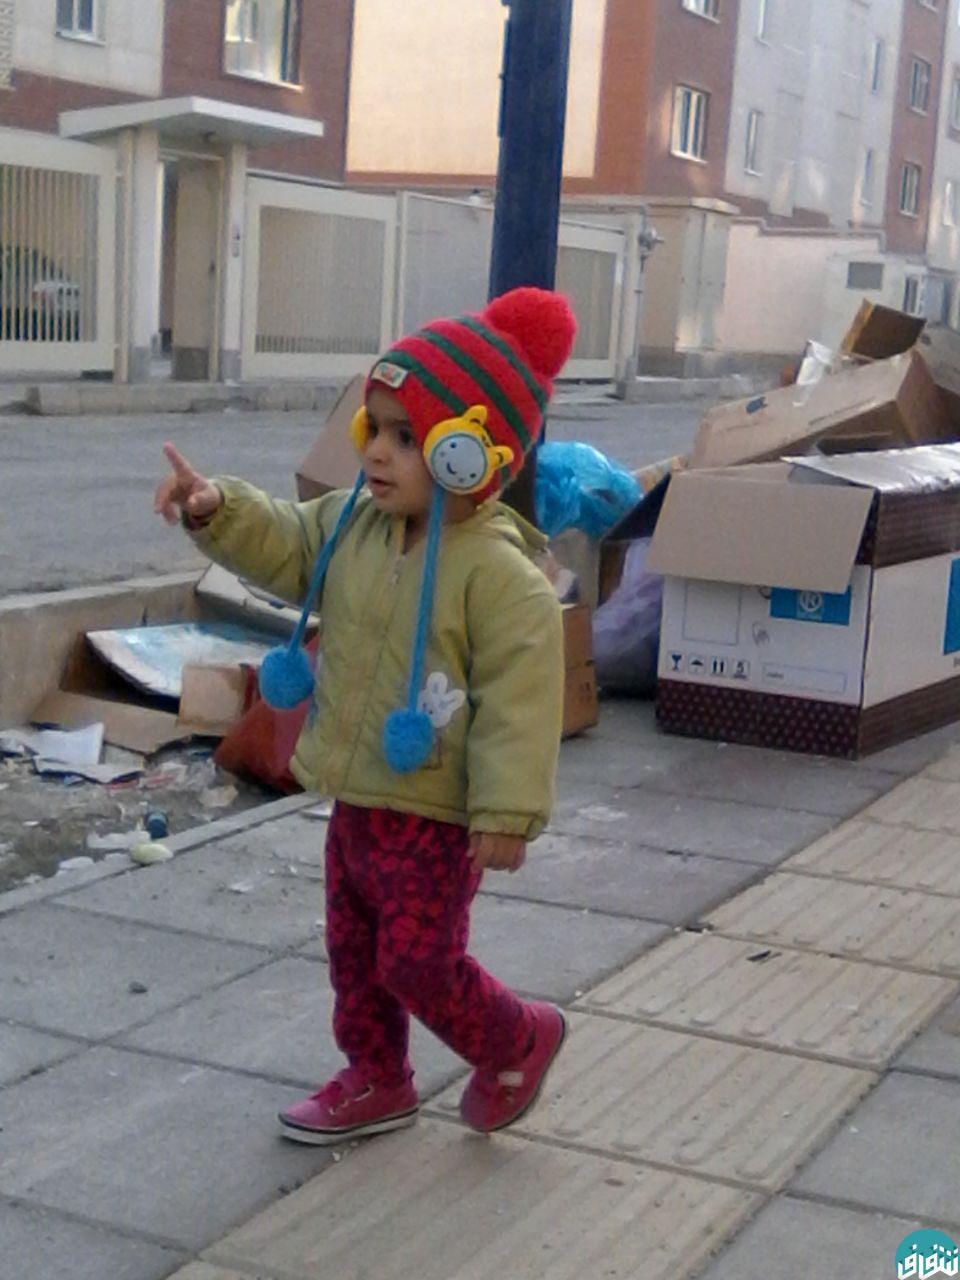 انباشت زباله در معابر مسکن ویژه تهرانسر / پاسکاری مردم بین شهرداری و شرکت مجری (پیش نویس)